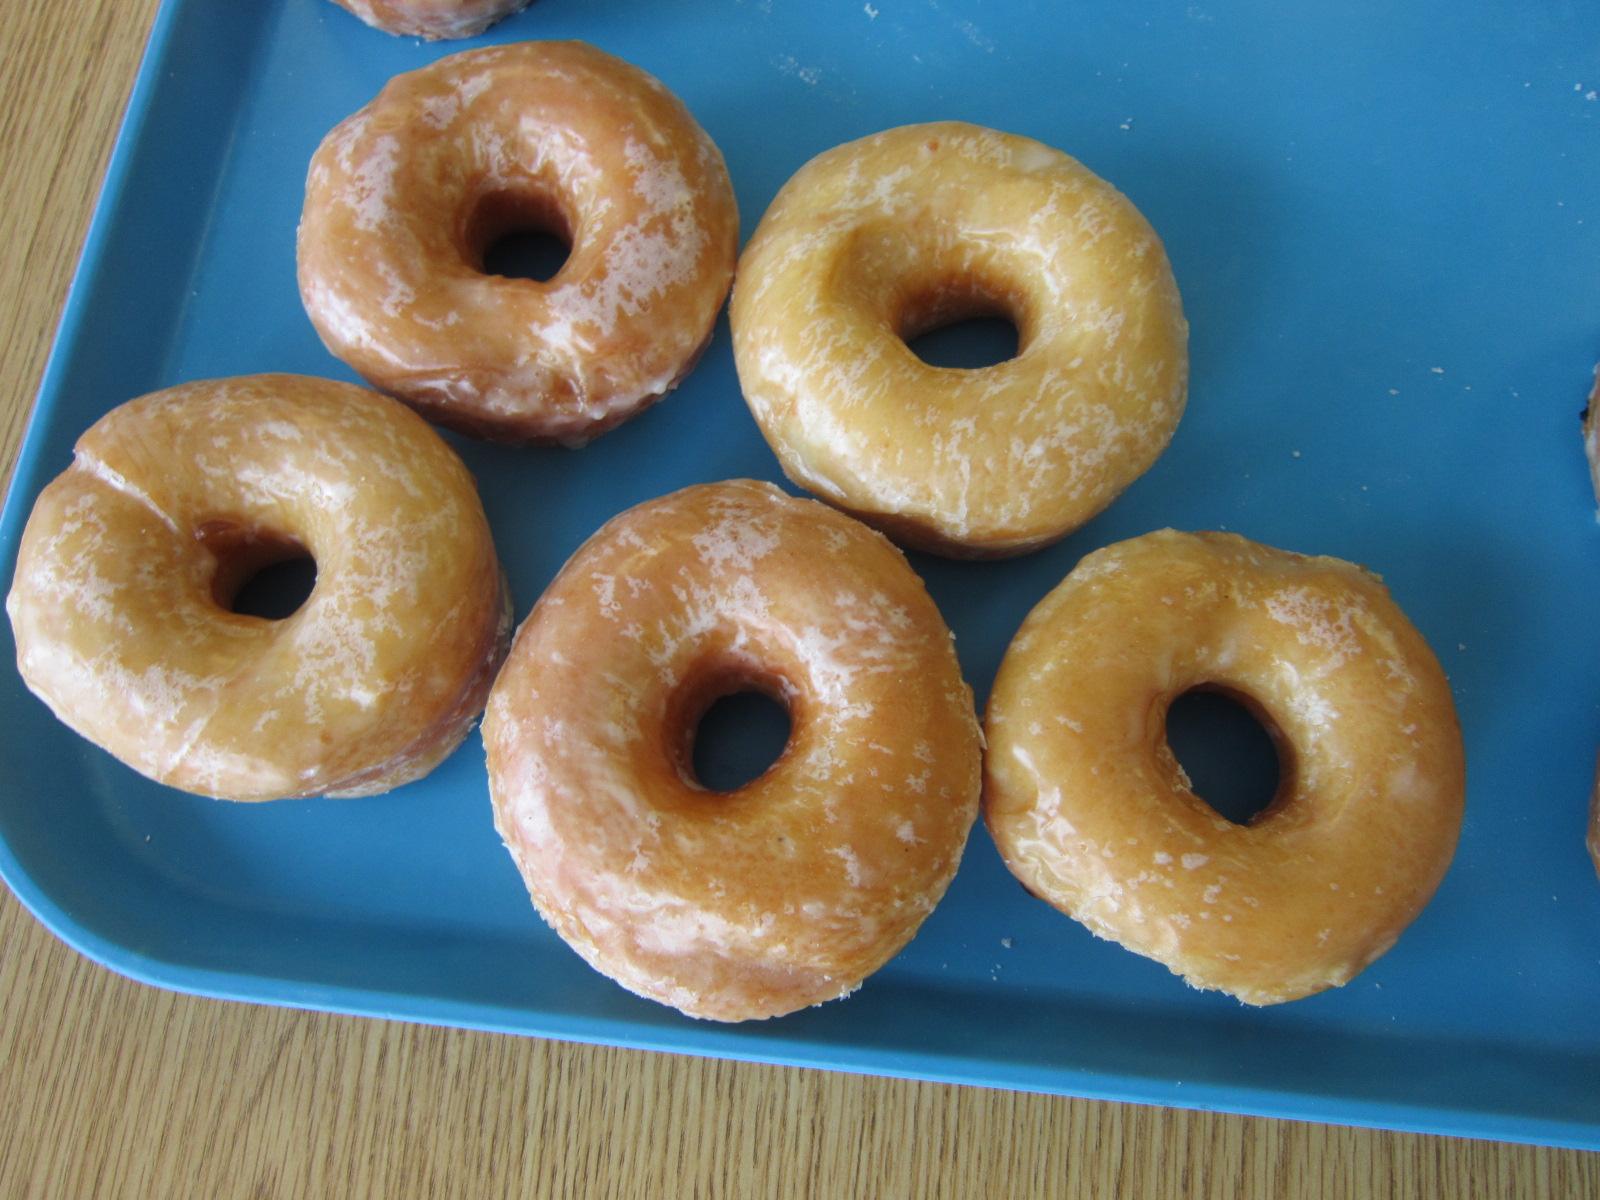 Bunkers Dunkers famous glazed donuts in Jefferson  IA.JPG